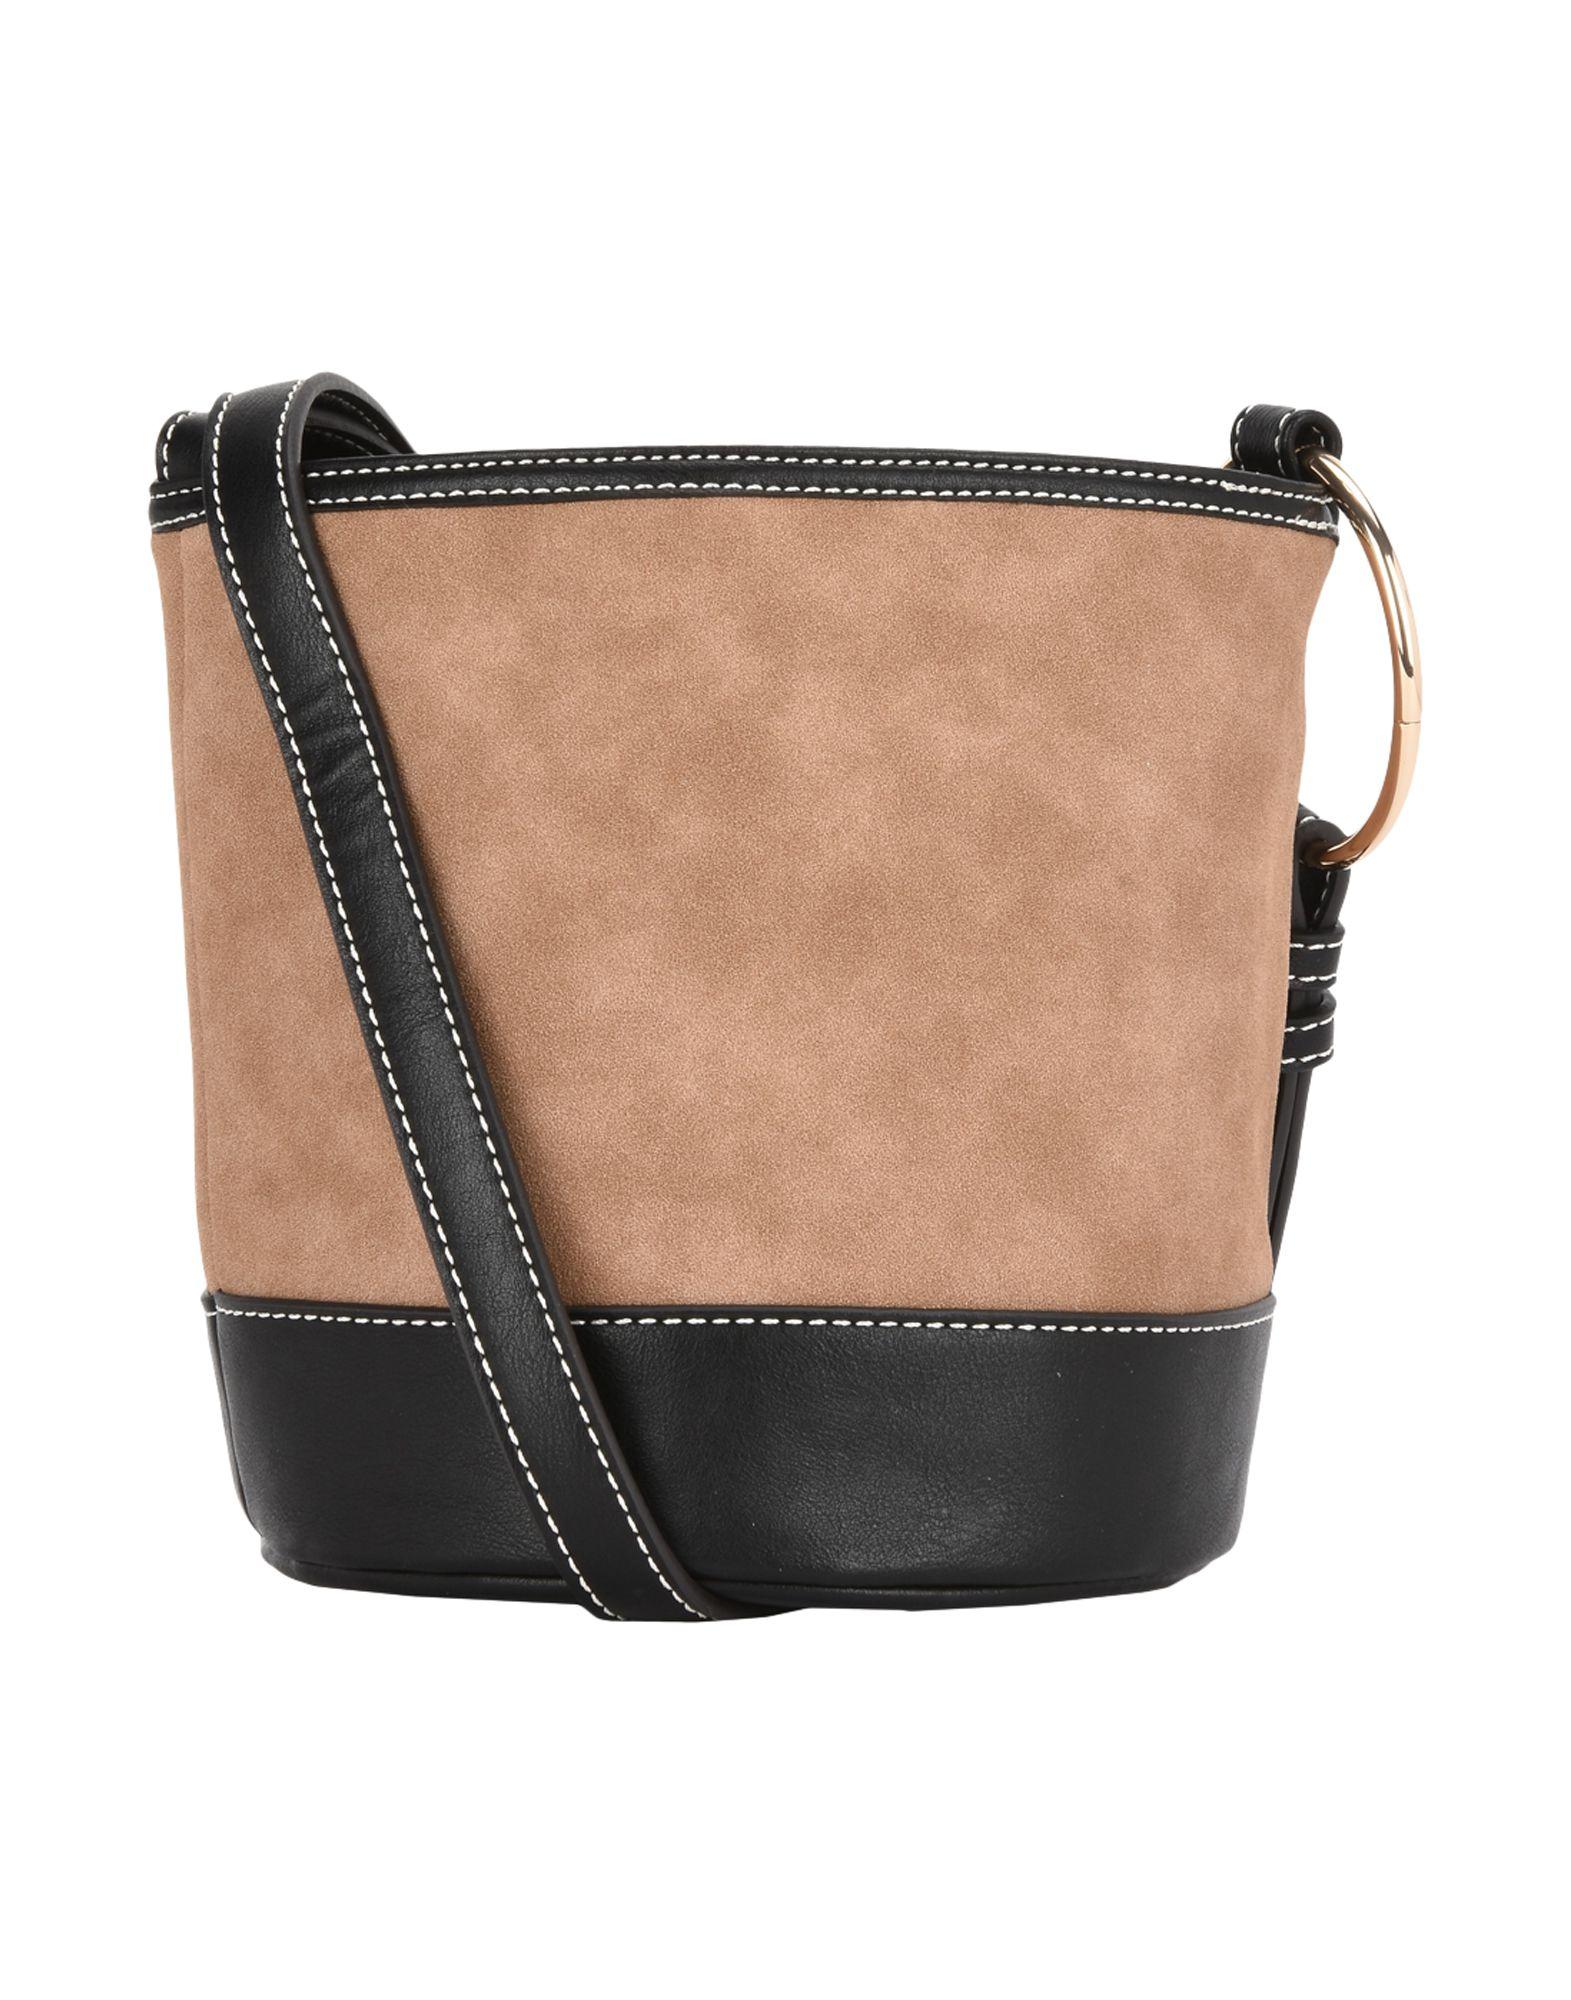 8 Сумка через плечо сумка через плечо anais gvani croco ag 1471 350161